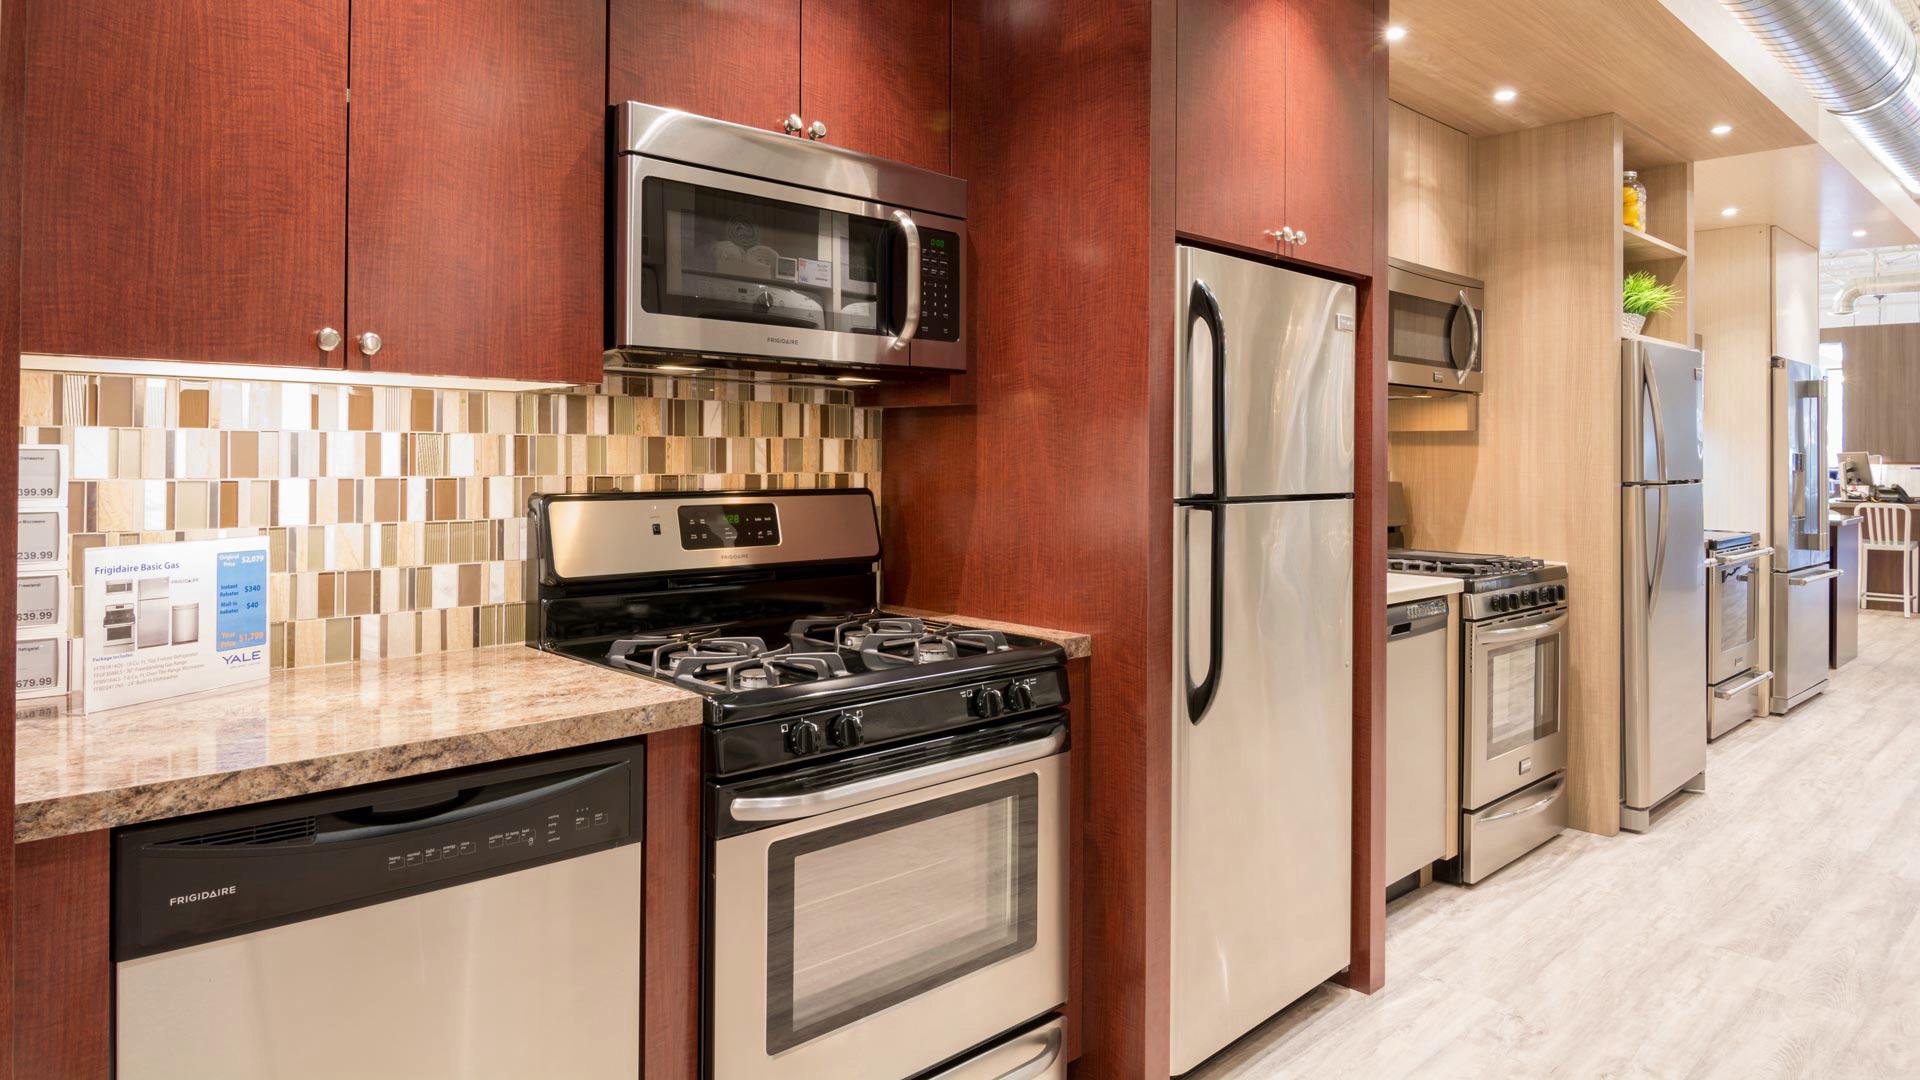 10 best stainless steel kitchen